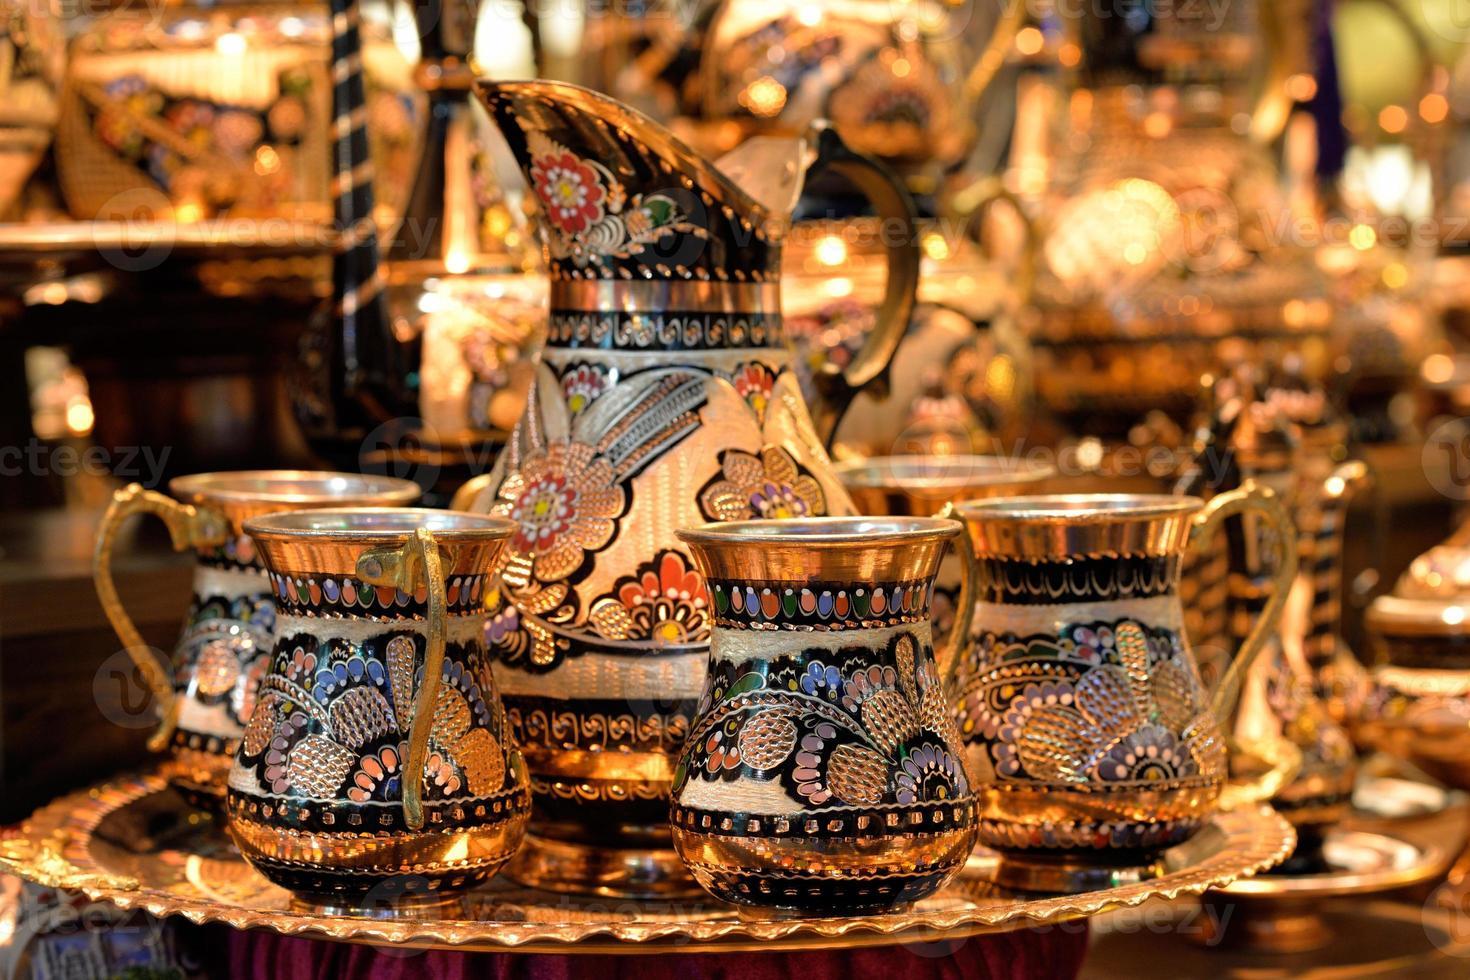 gruppo di tradizionale teiera turca al Grand Bazaar, Istanbul. foto